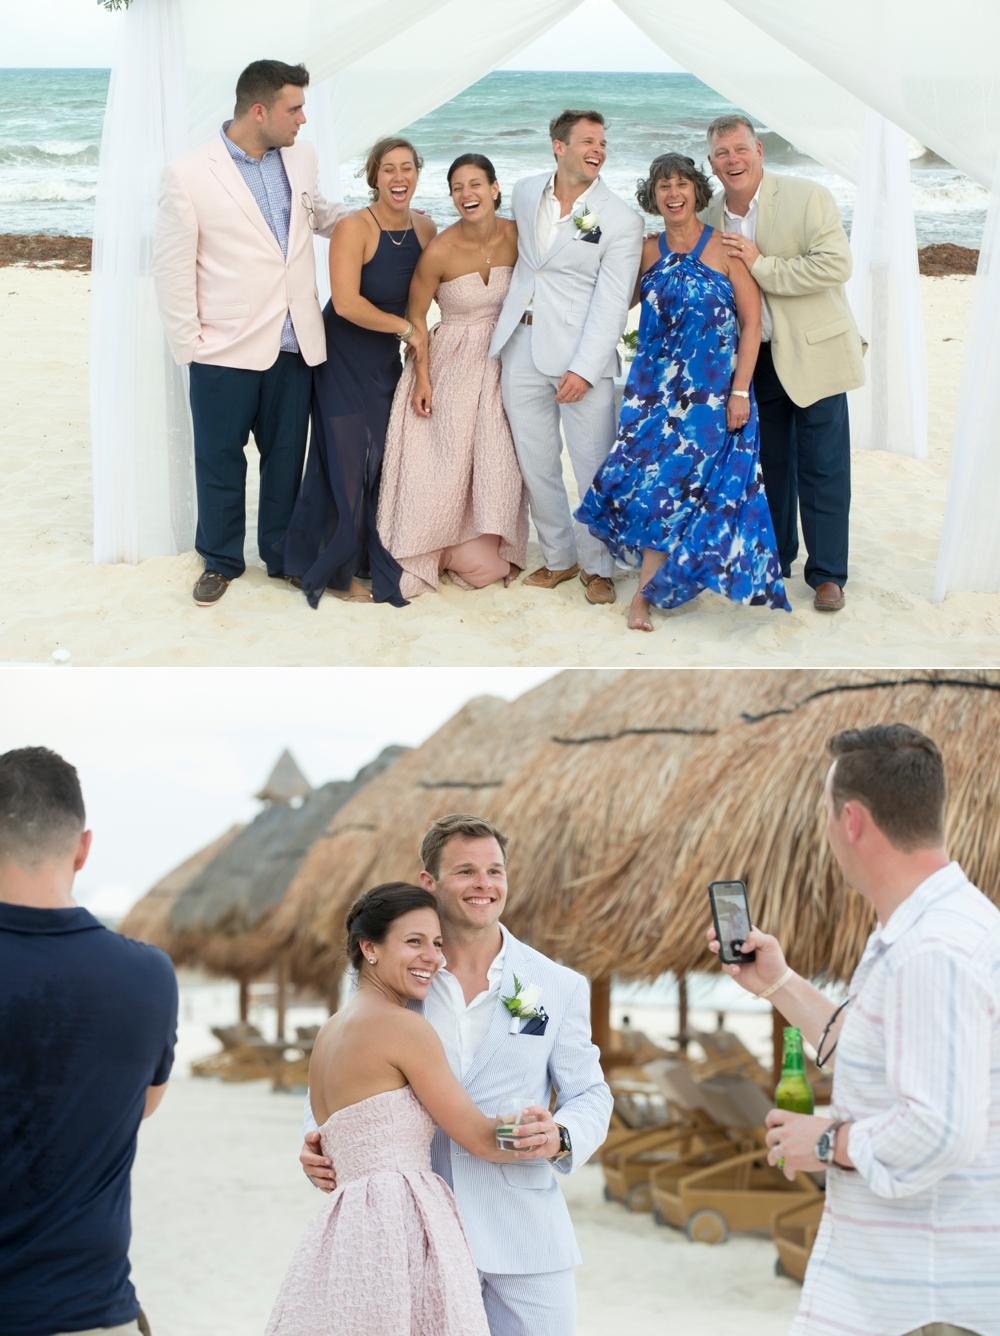 SomerbyJonesPhotography_IberostarGrandHotelParaiso_Mexico_Wedding_0030.jpg